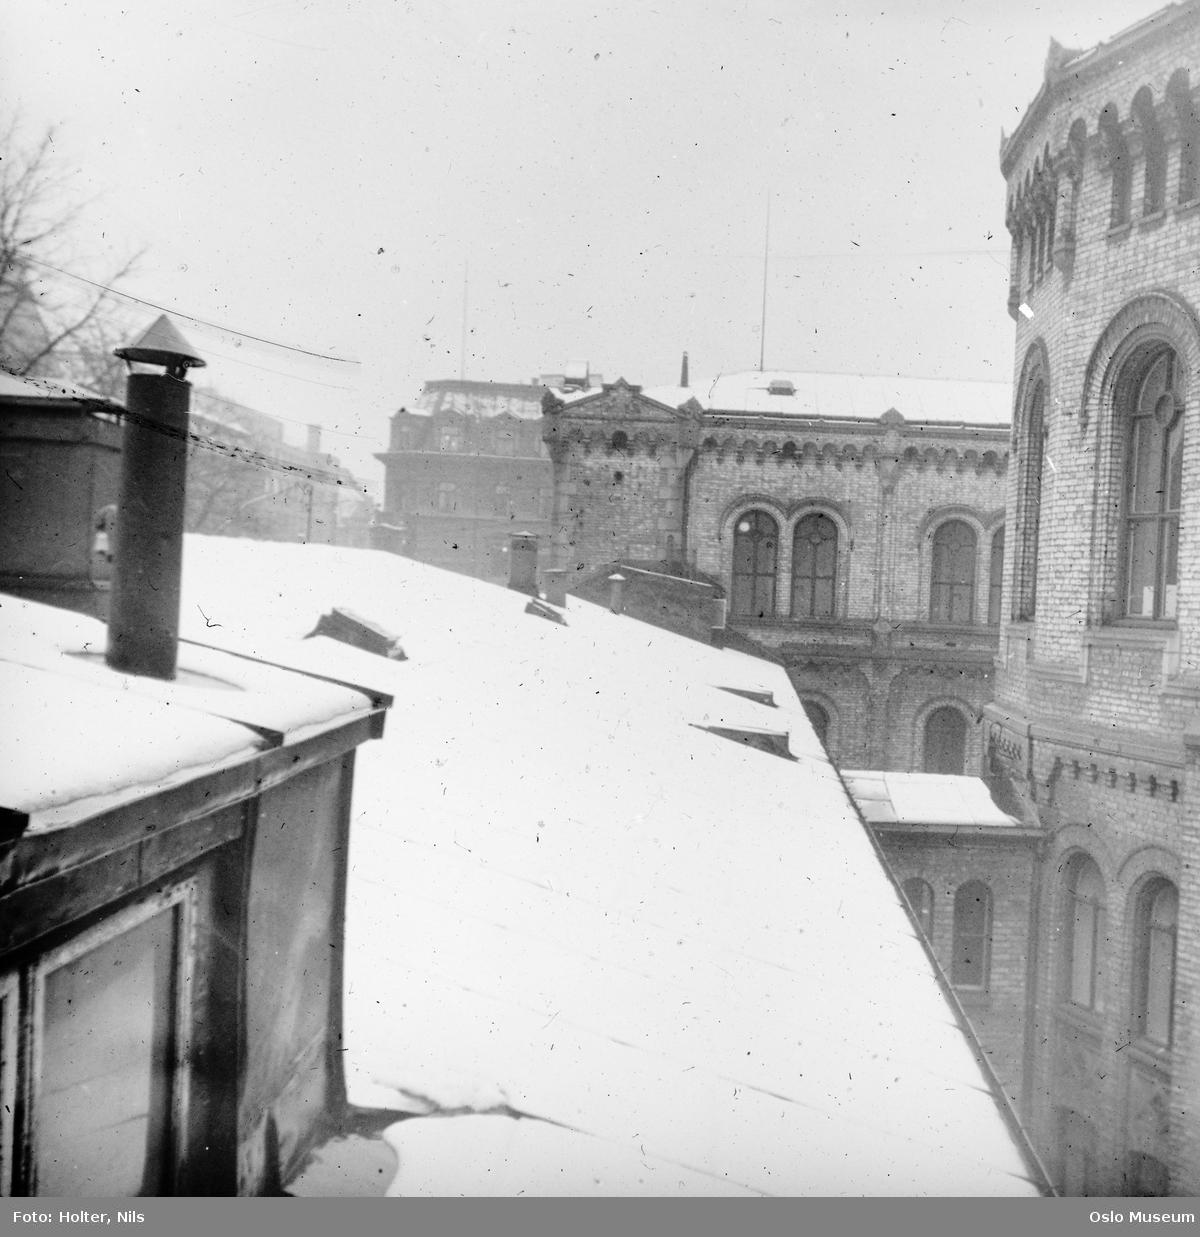 Stortingsbygningen, tak, snø